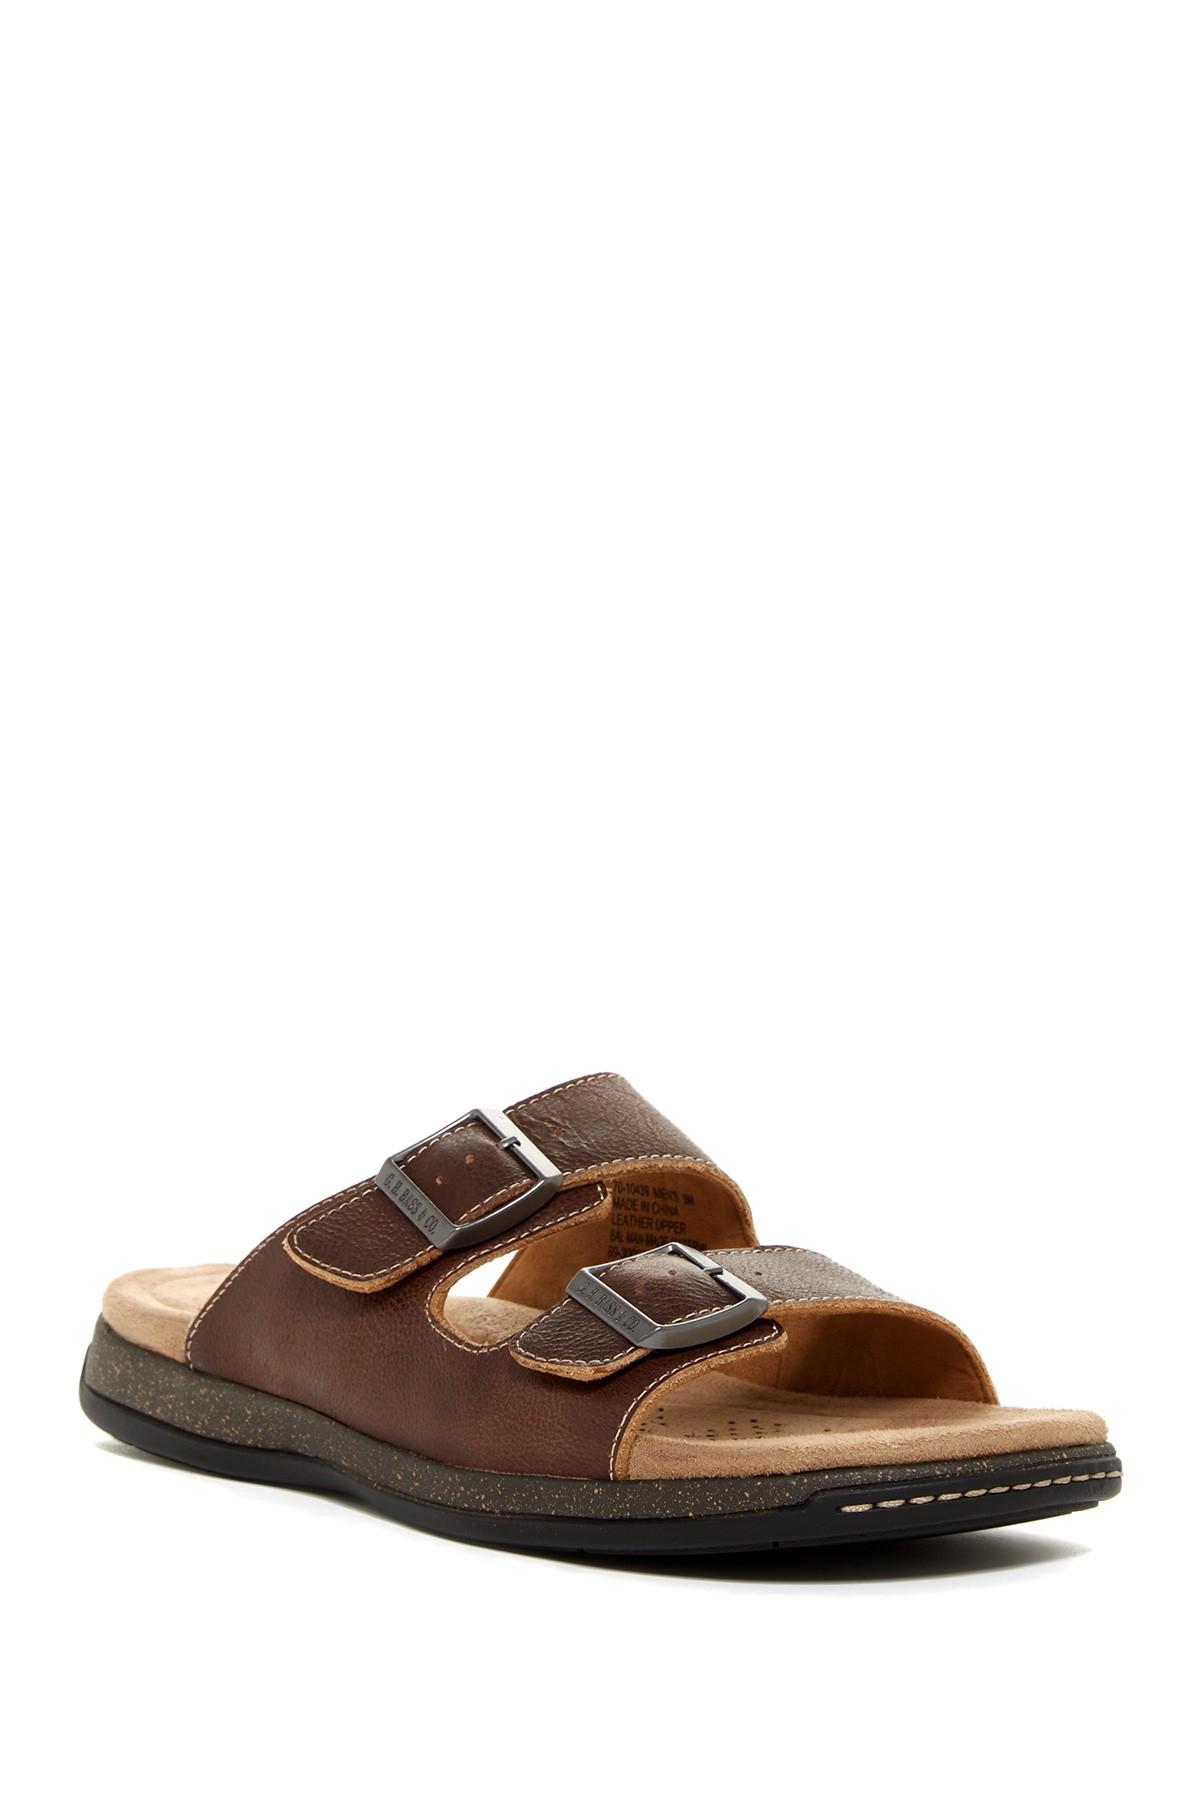 Lyst G H Bass Amp Co Hargrove Slide Sandal In Brown For Men